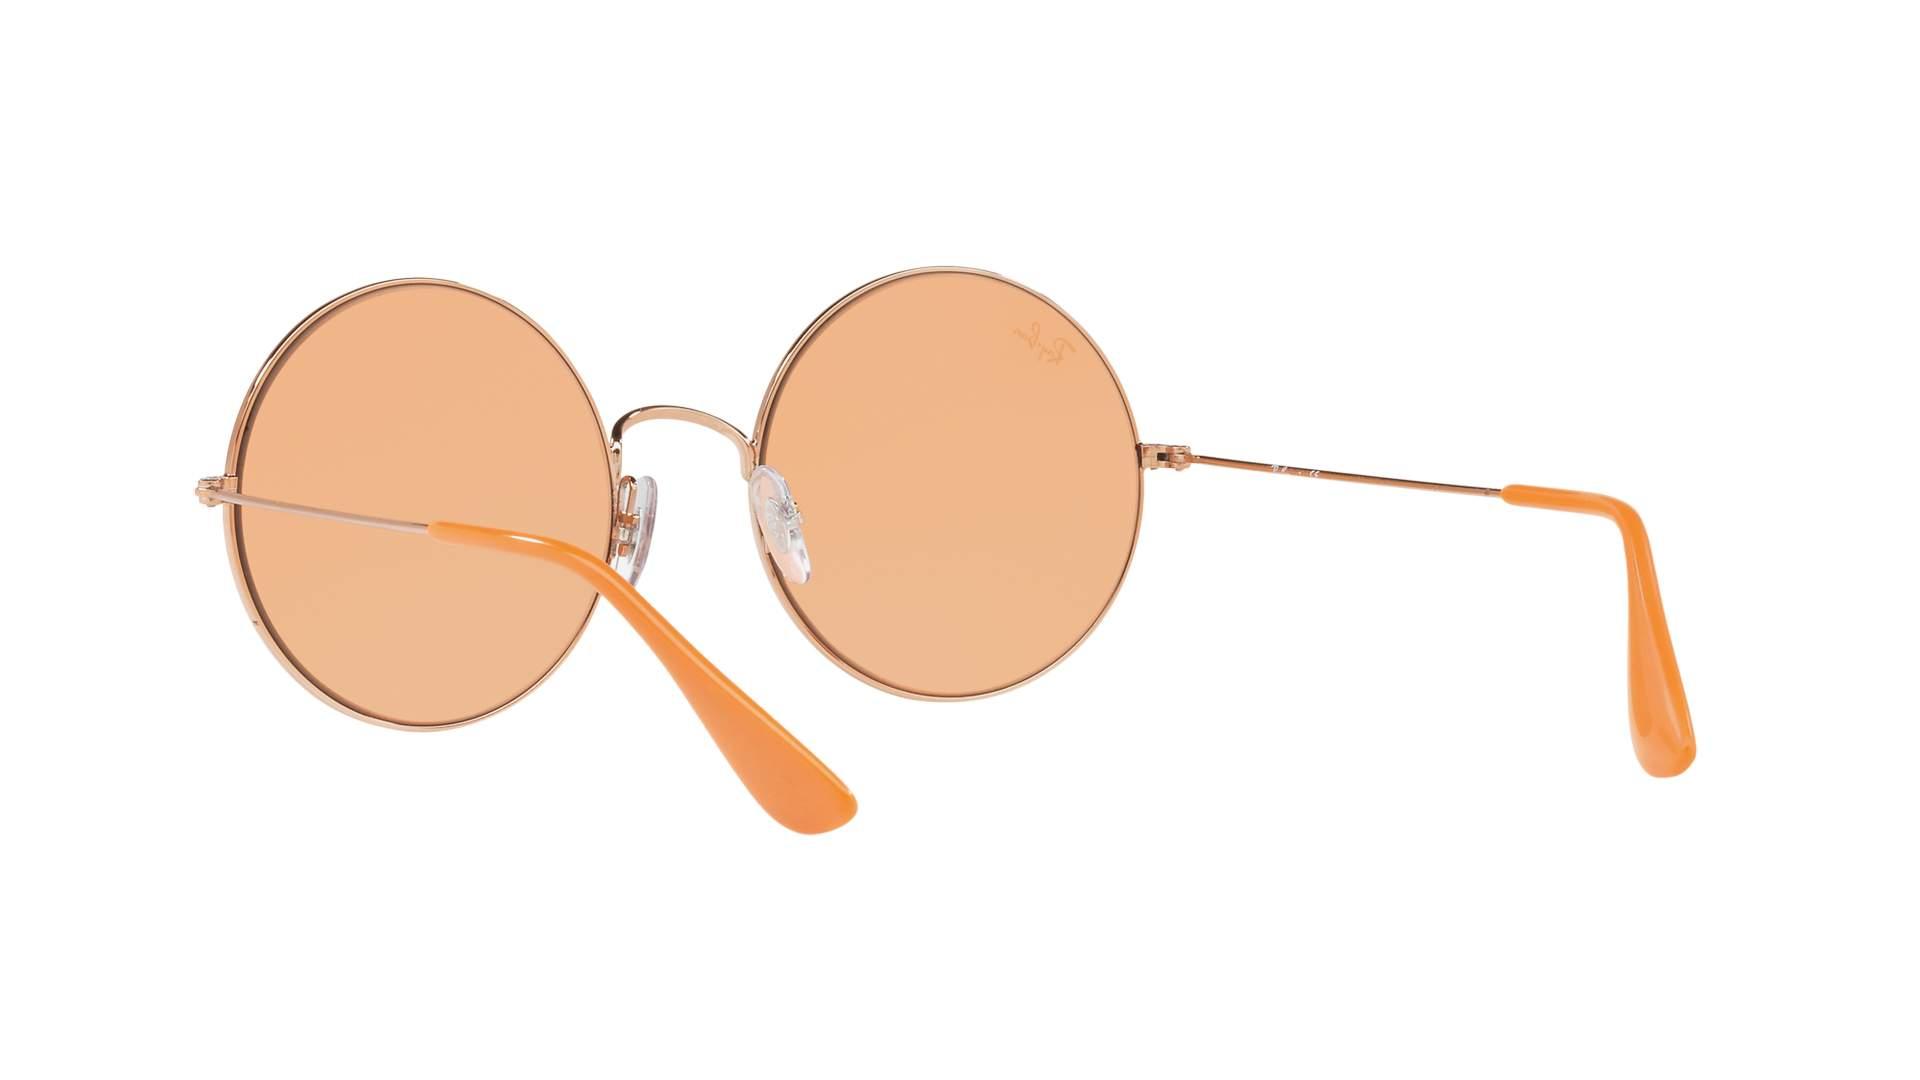 6408d5e67e Sunglasses Ray-Ban Ja-jo Copper RB3592 9035 C6 50-20 Medium Mirror